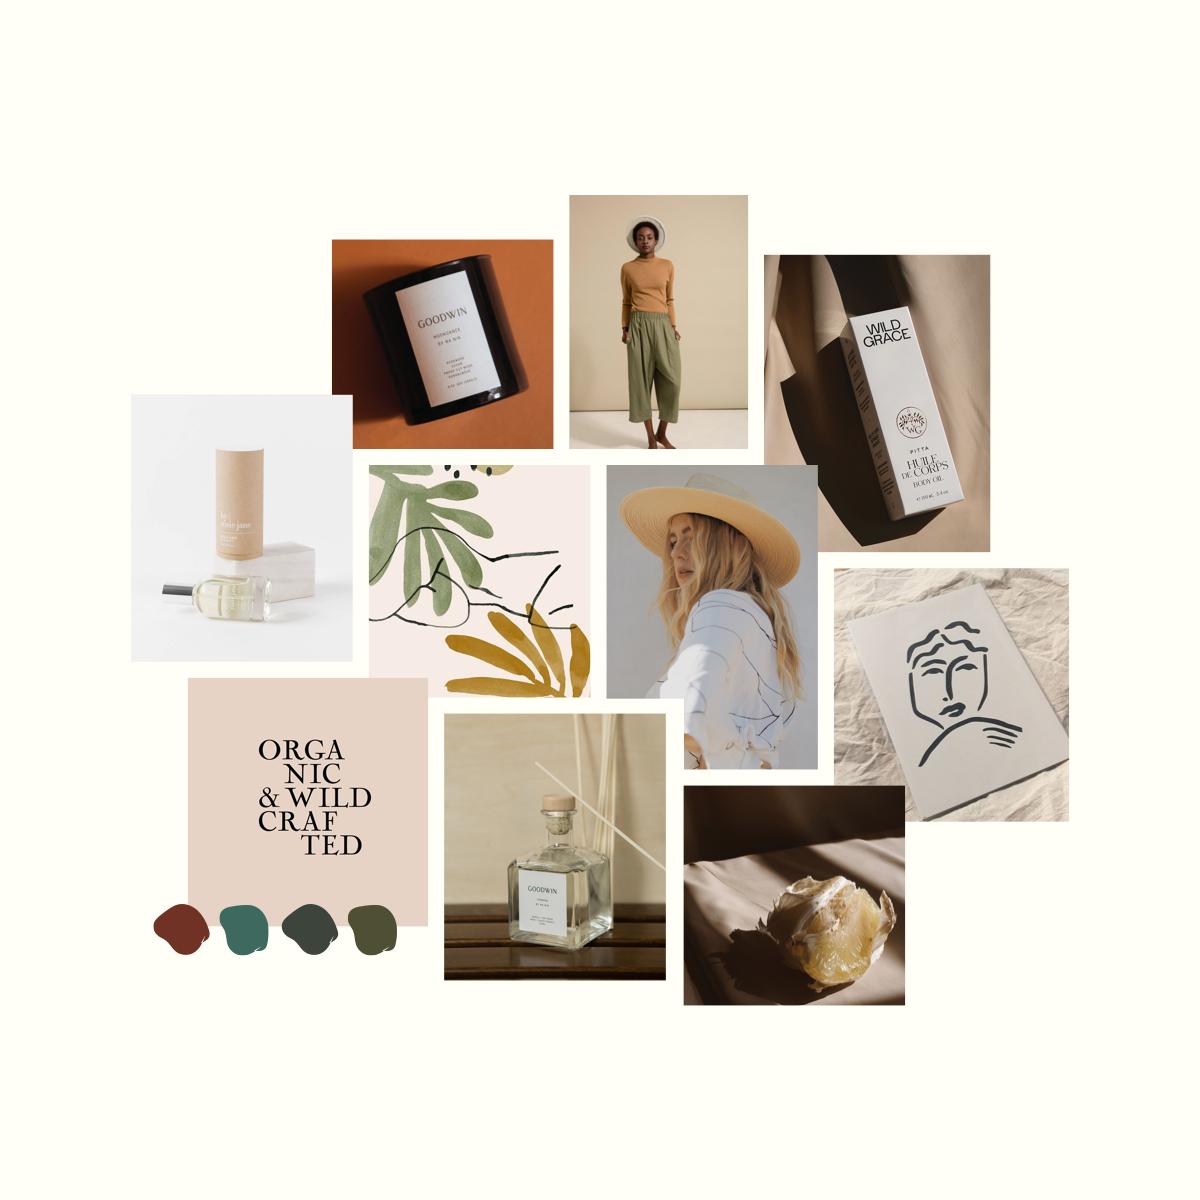 inspirational-moodboard-skincare-ethical-branding-designer-webdesign-byron-sydney-melbourne.png